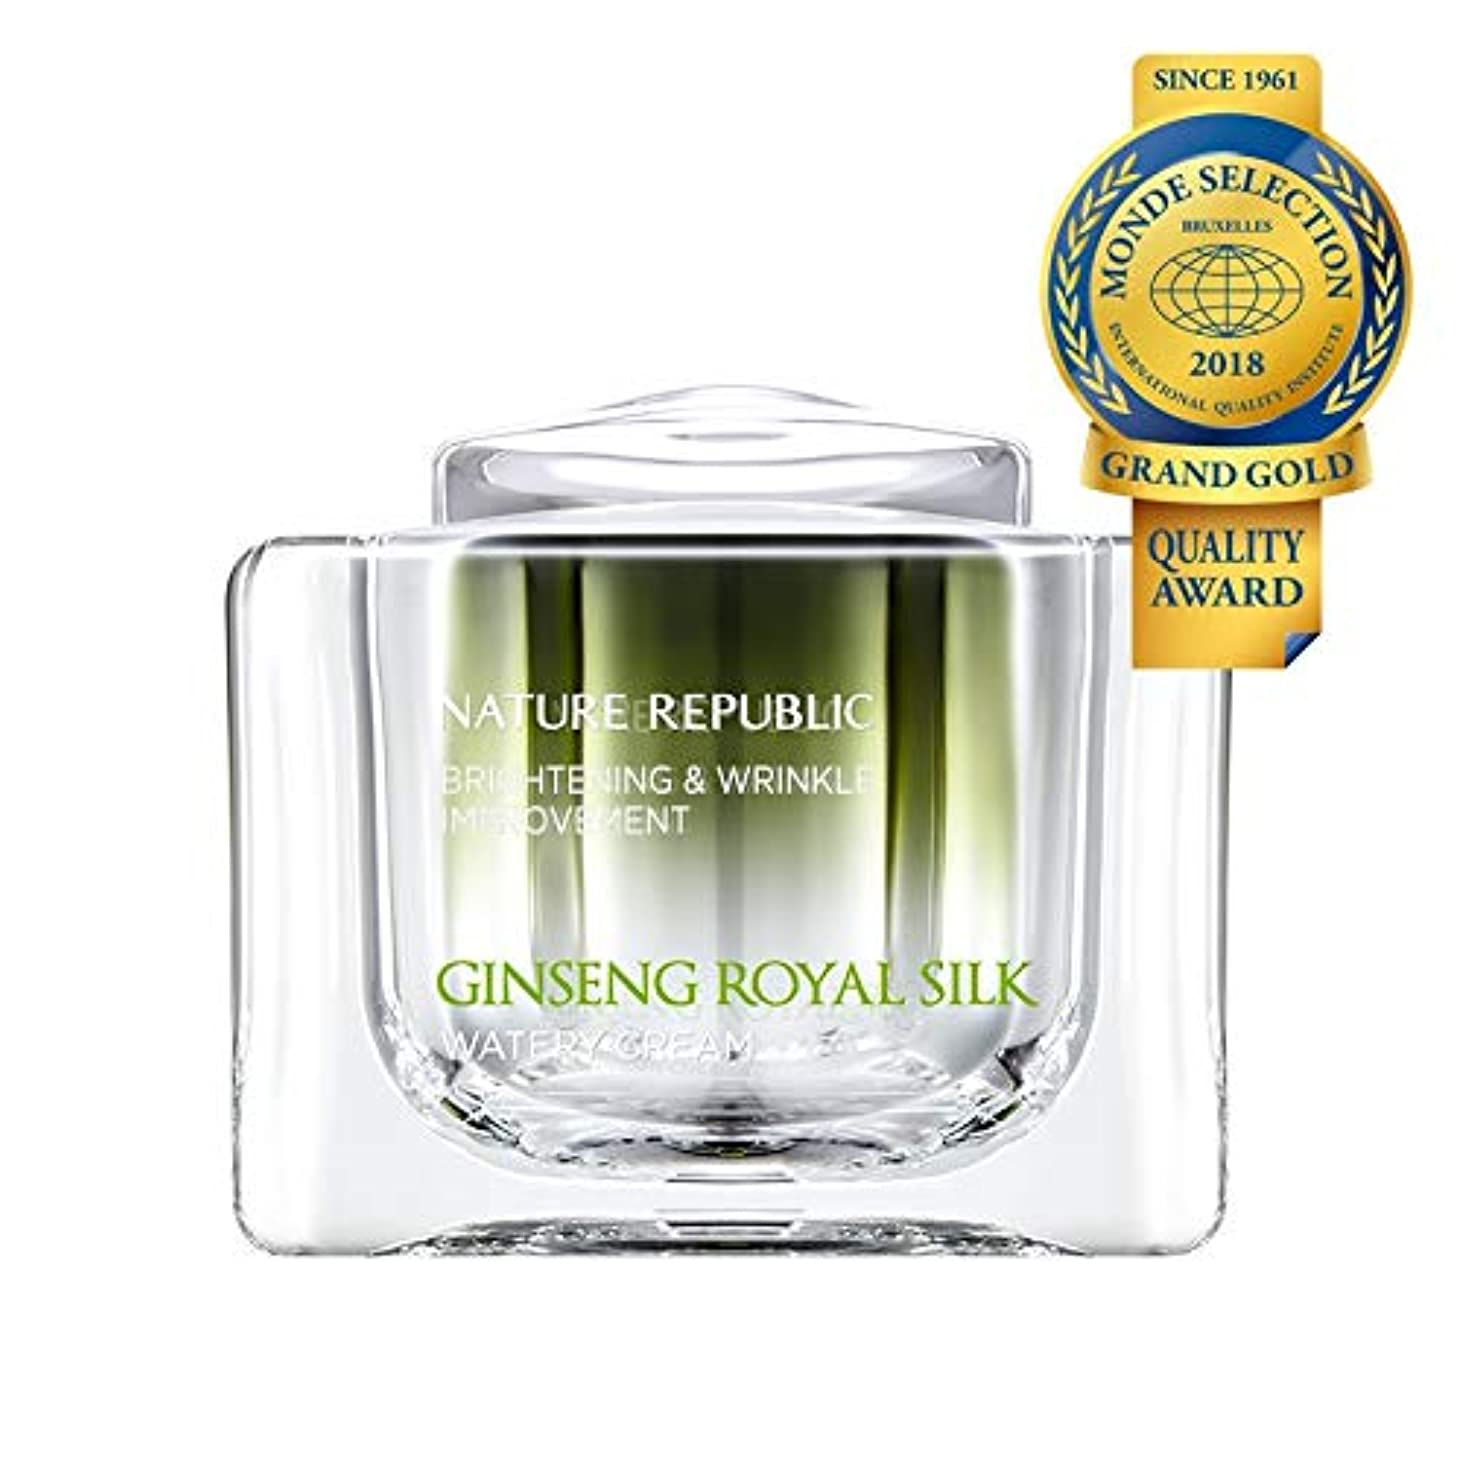 音声マーク横ネイチャーリパブリック(Nature Republic)ジンセンロイヤルシルクウォーターリークリーム 60g / Ginseng Royal Silk Watery Cream 60g :: 韓国コスメ [並行輸入品]